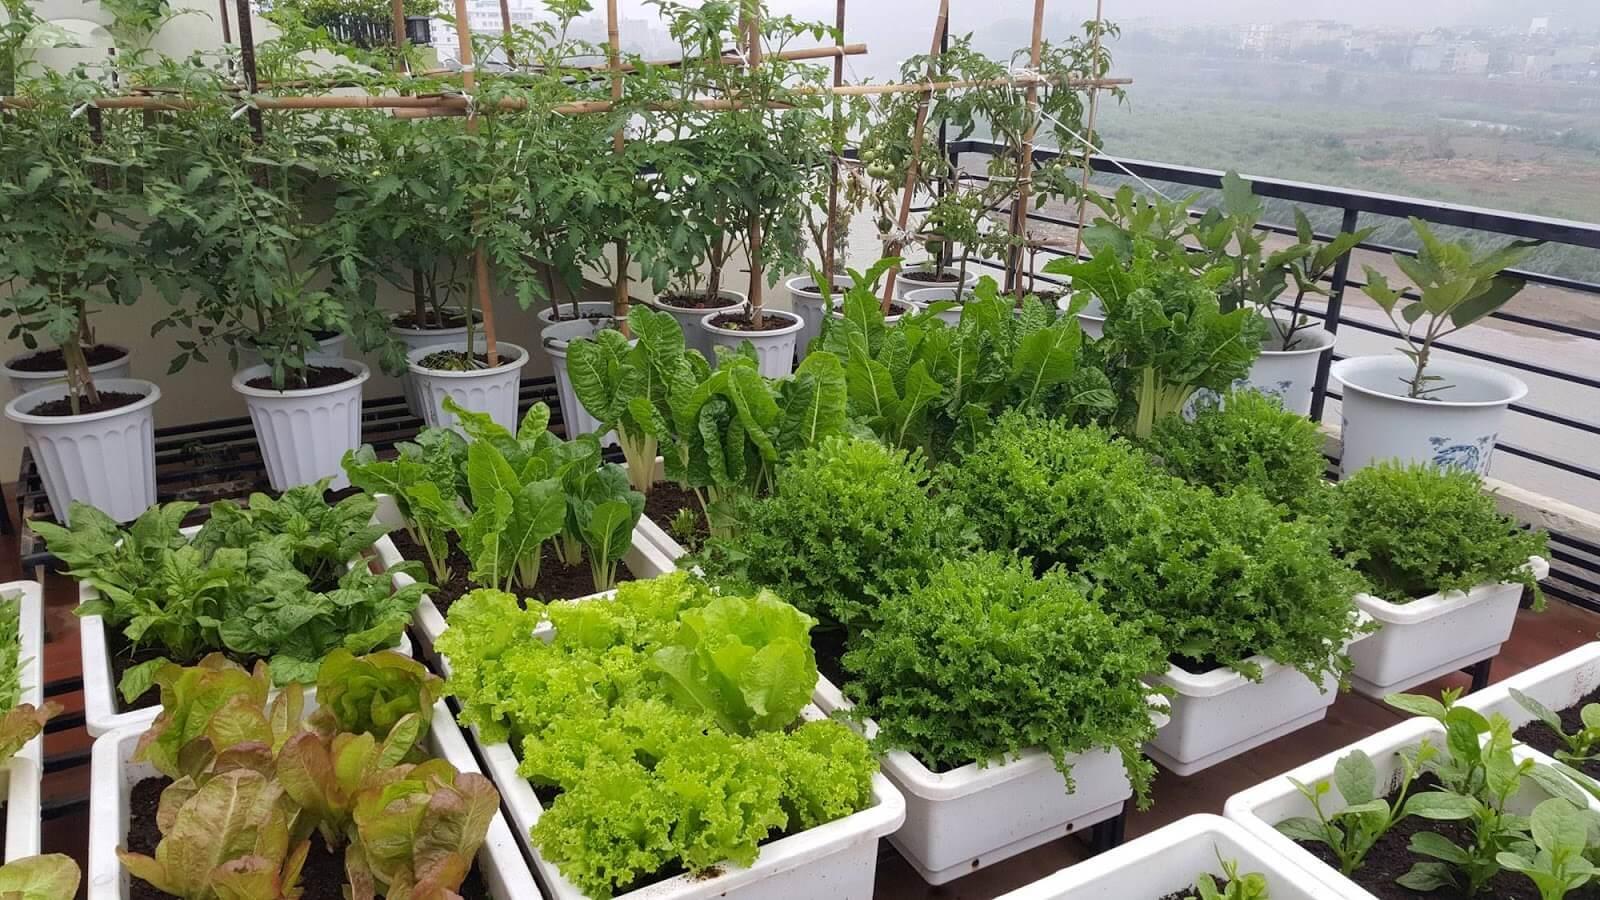 Cửa hàng bán hạt giống đắt hàng nhờ xu hướng trồng rau tại nhà trong thời kỳ giãn cách